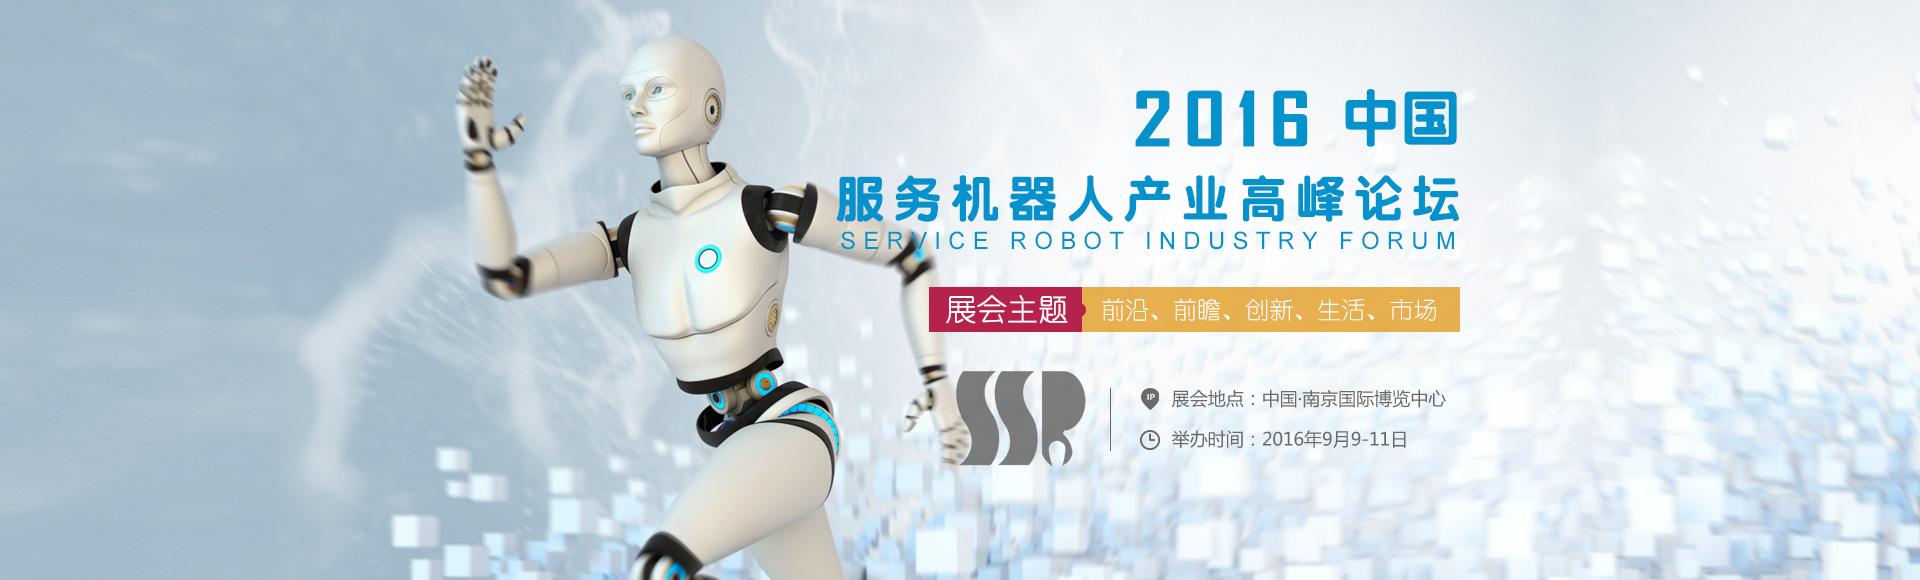 国际服务机器人及智能产业展览会暨高峰论坛